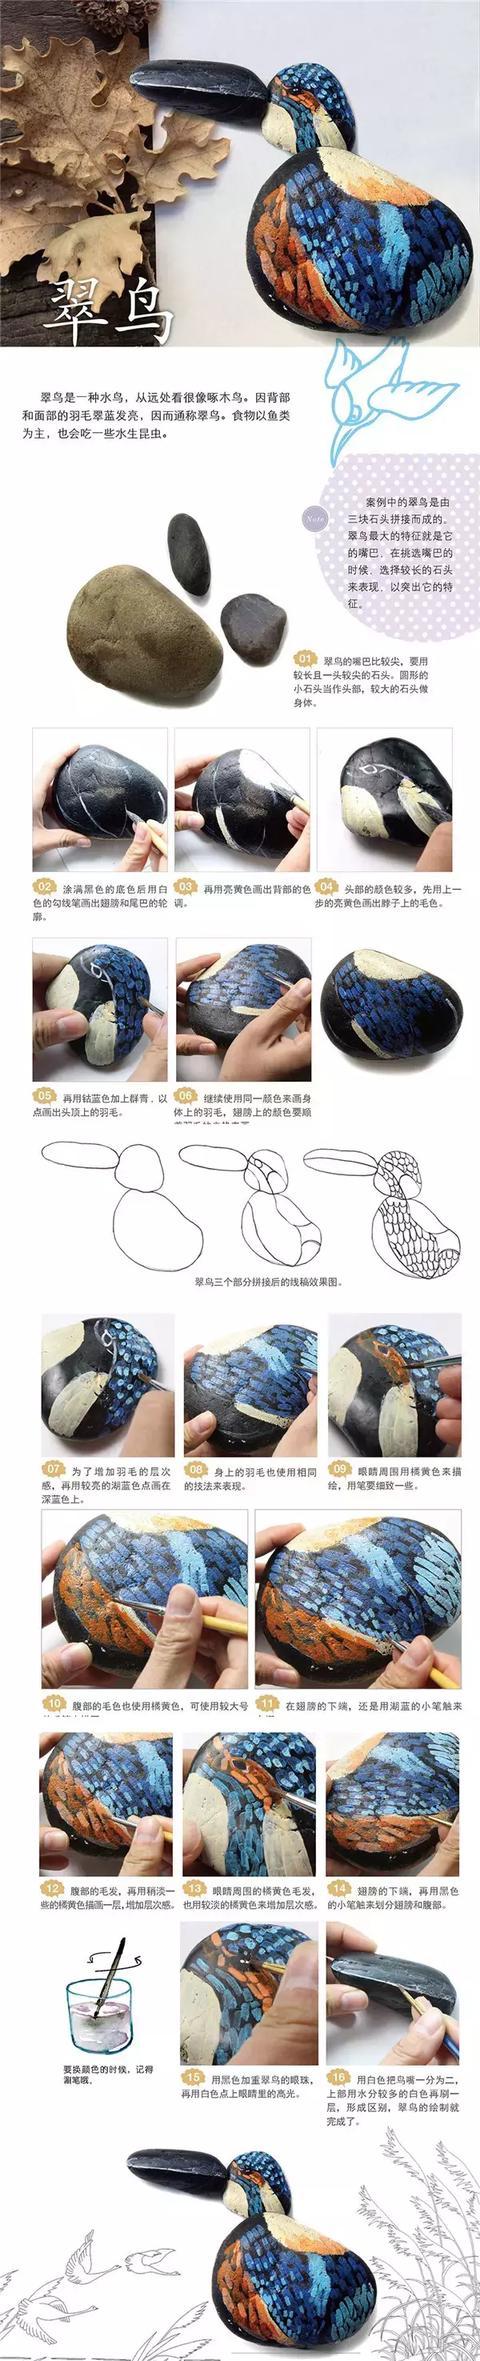 画怎么做,【手工乐趣】| 艺术石头画手工做法这就教给你,再也不羡慕别人!